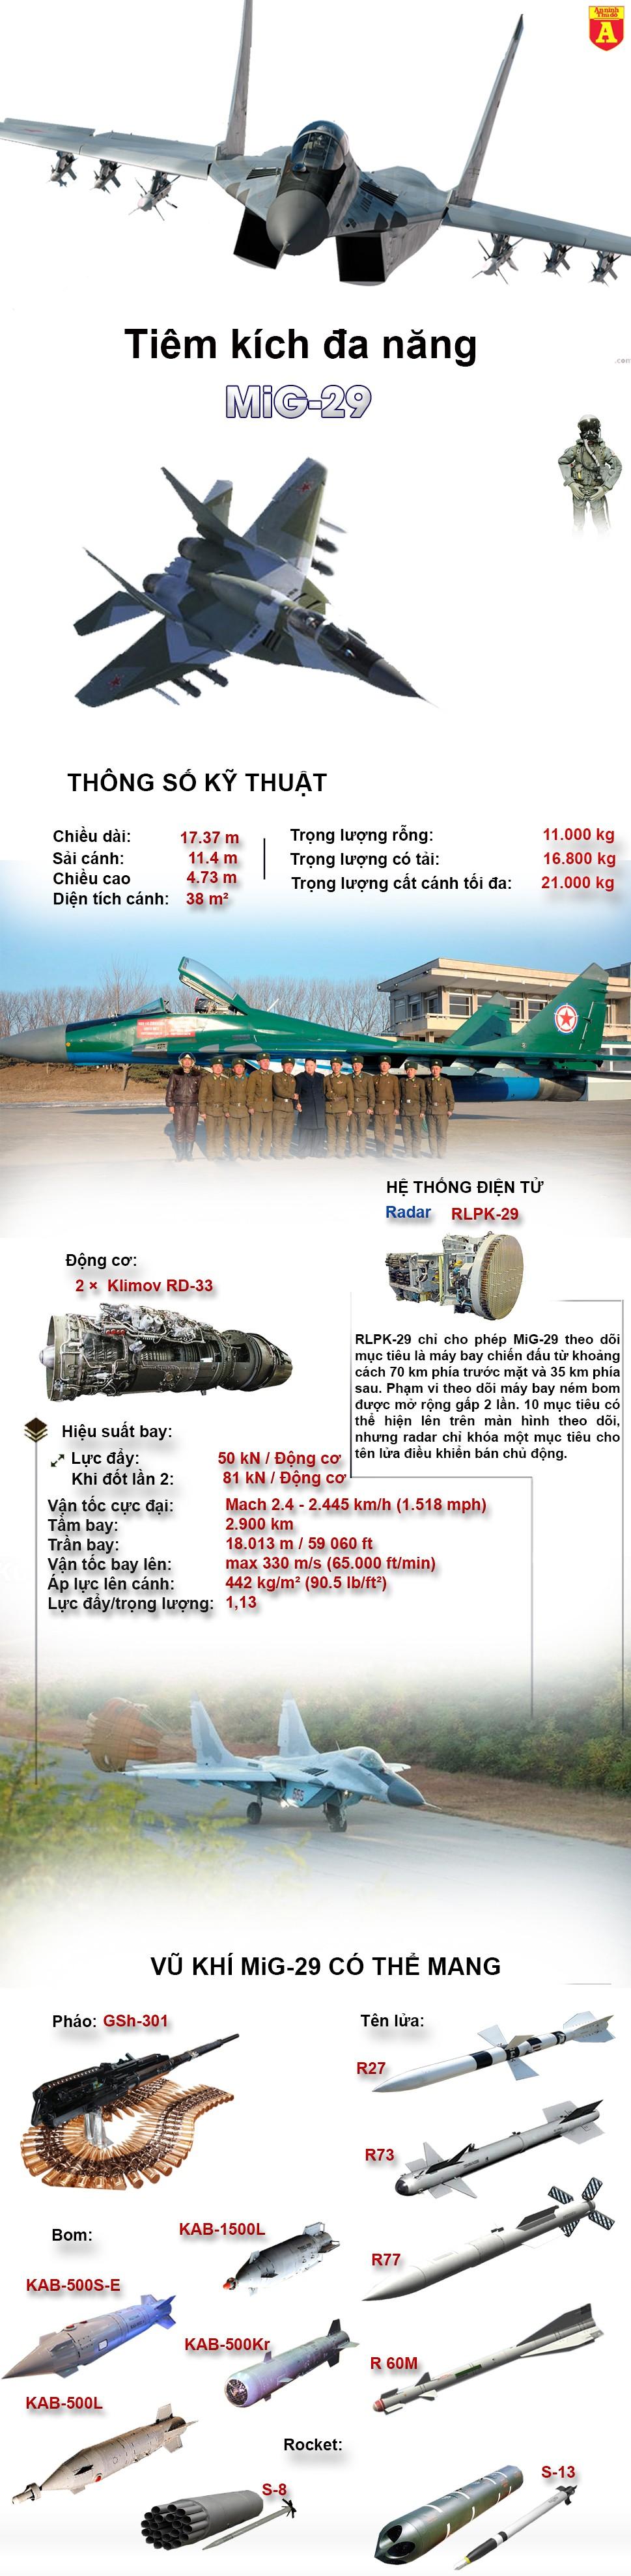 [Infographic] MiG-29 Triều Tiên, đối thủ đáng gờm của chiến đấu cơ Hàn Quốc ảnh 2